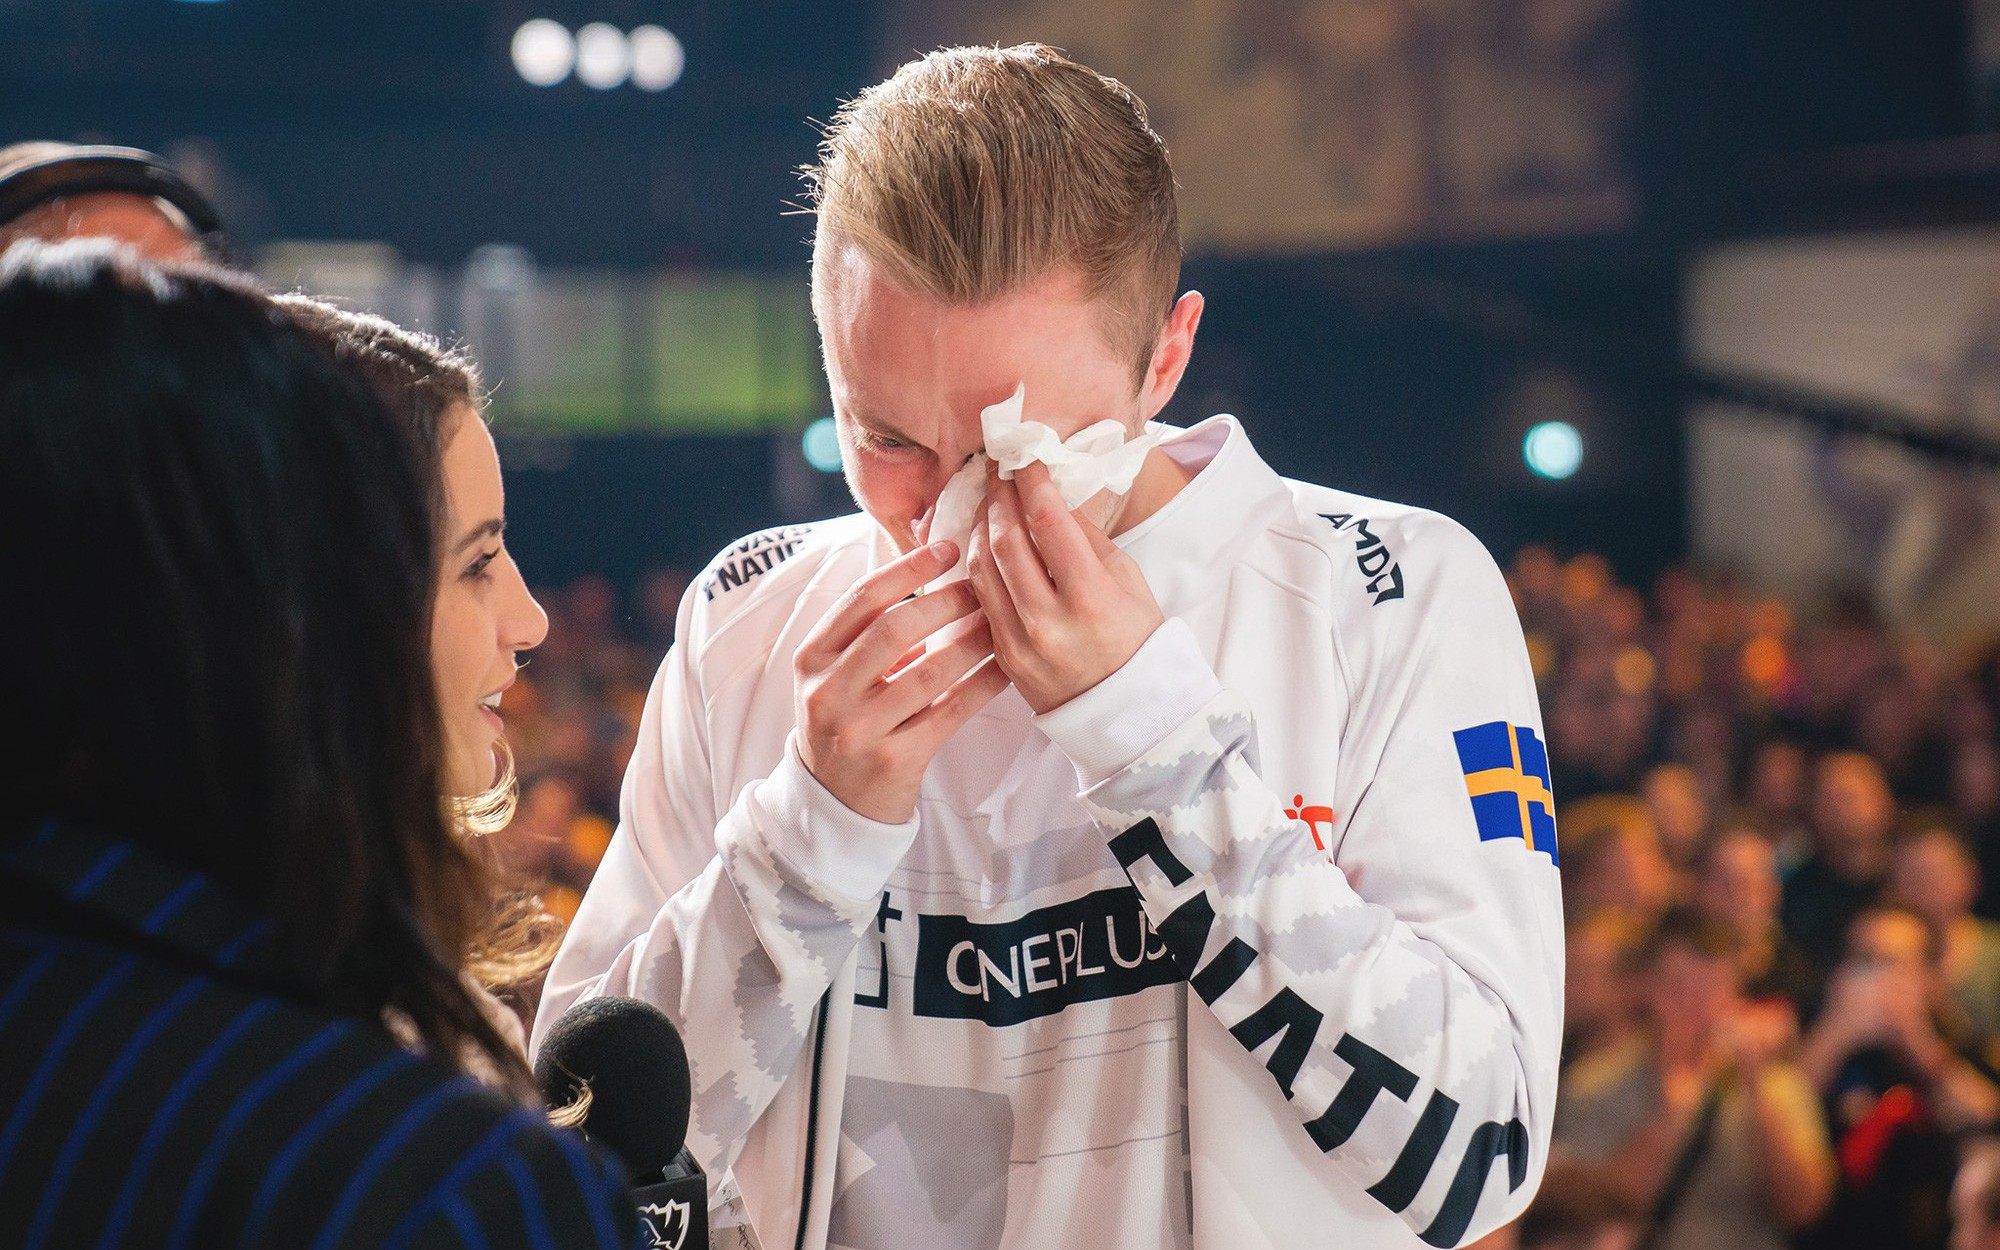 Uzi và trai đẹp Rekkles cùng nhau bật khóc sau trận đấu quyết định tấm vé tới vòng tứ kết CKTG 2019